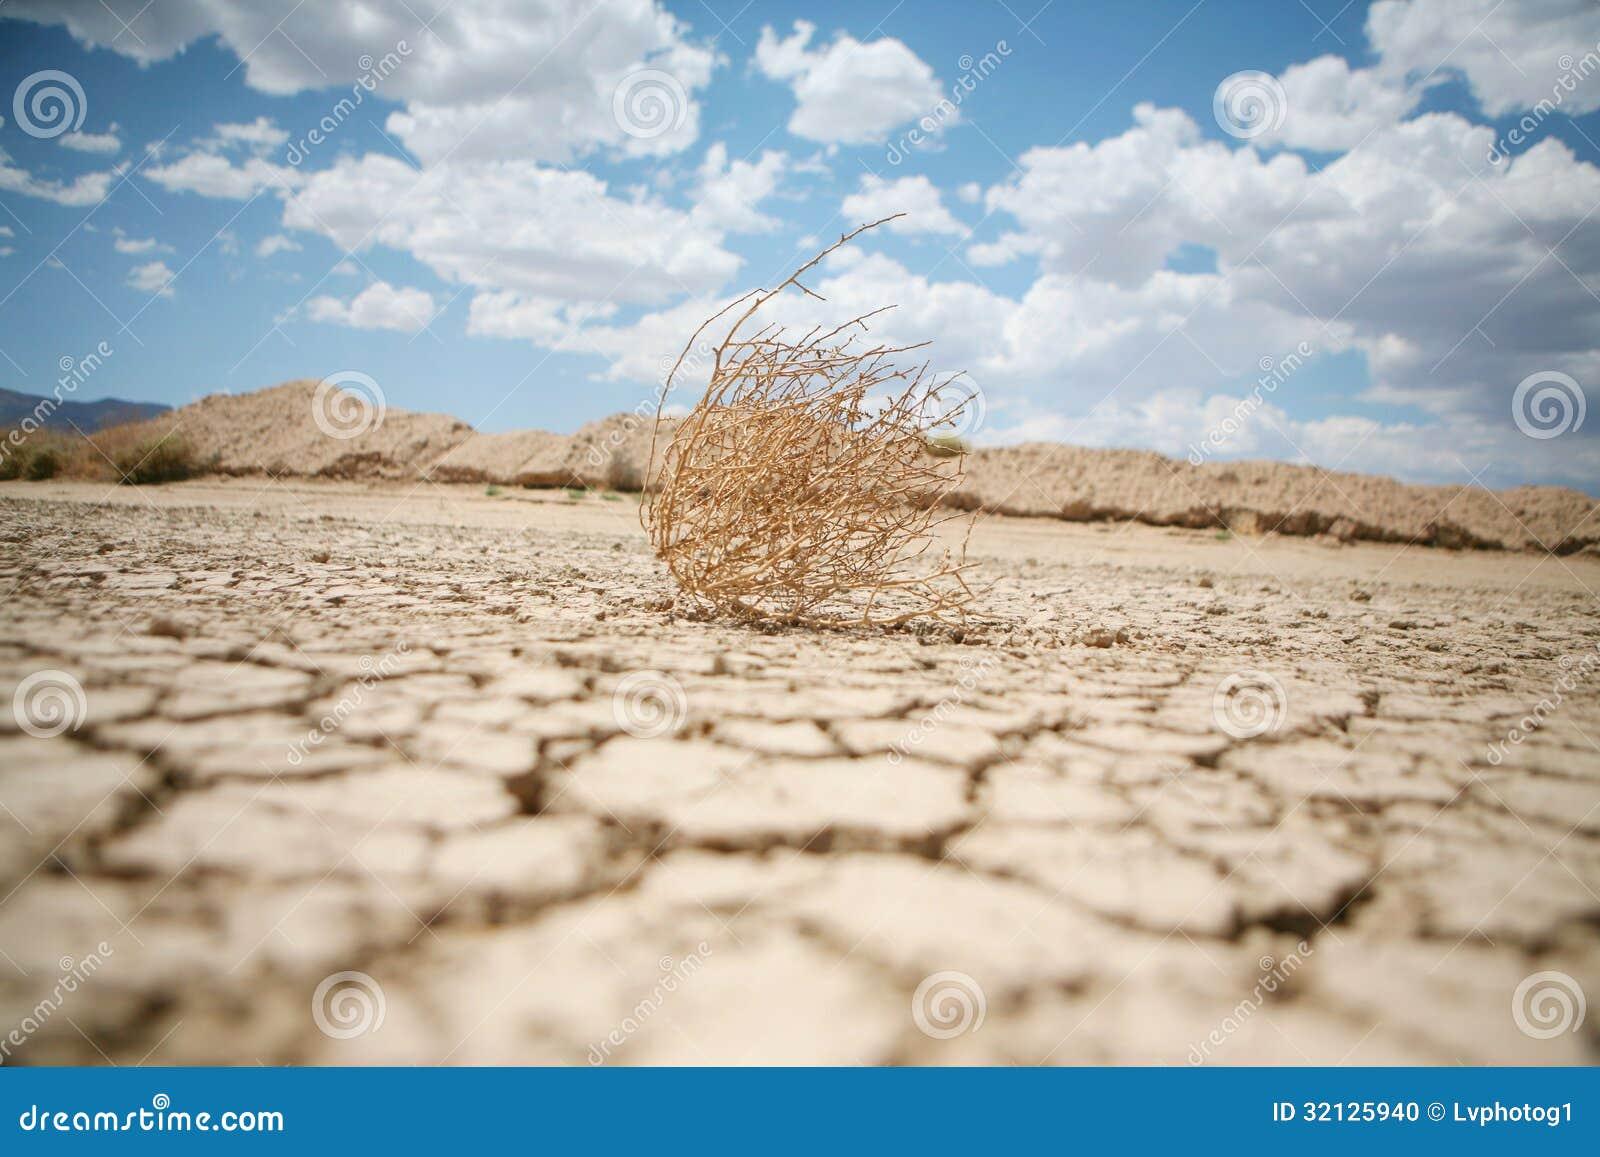 风滚草在沙漠